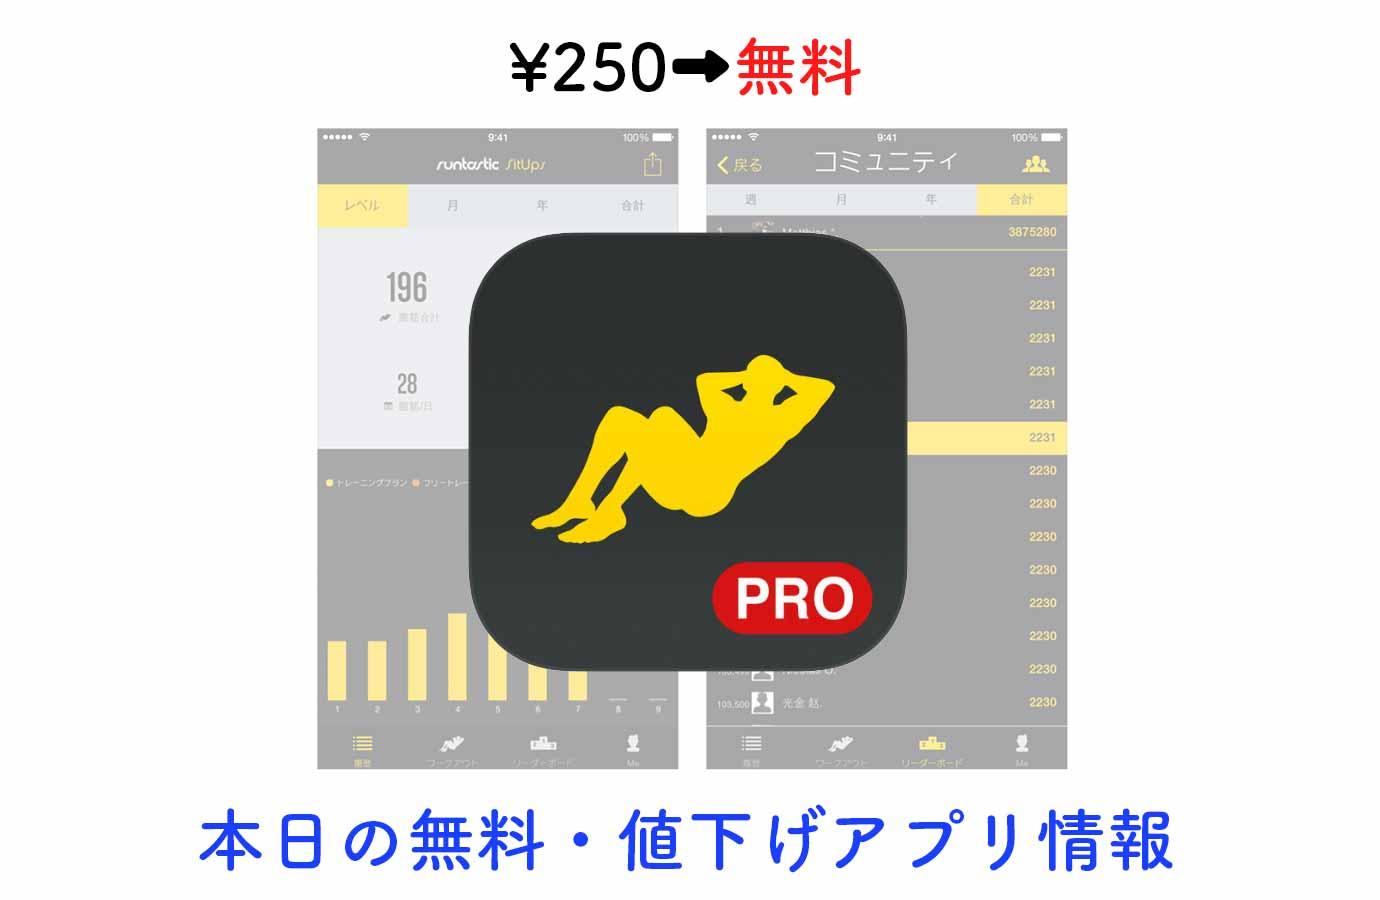 ¥250→無料、腹筋トレーニングサポートアプリ「Runtastic 腹筋 PRO」など【8/5】本日の無料・値下げアプリ情報